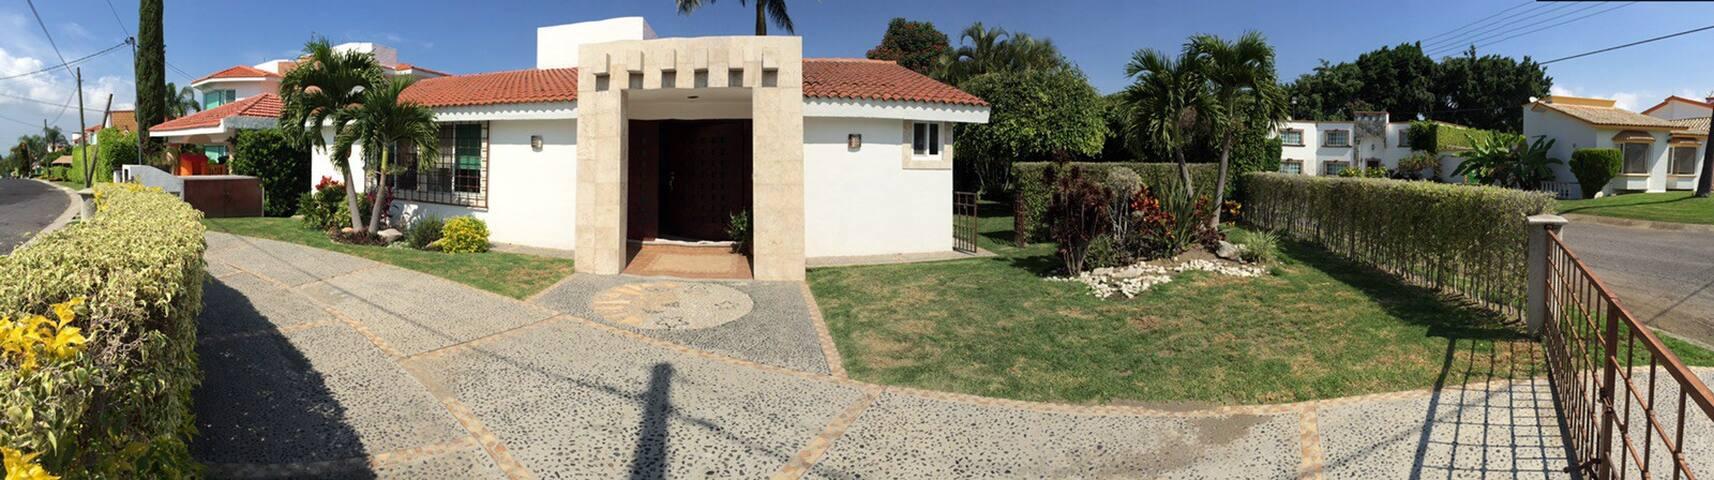 La Casa ideal fines de semana en Lomas de Cocoyoc! - Oaxtepec - Dom